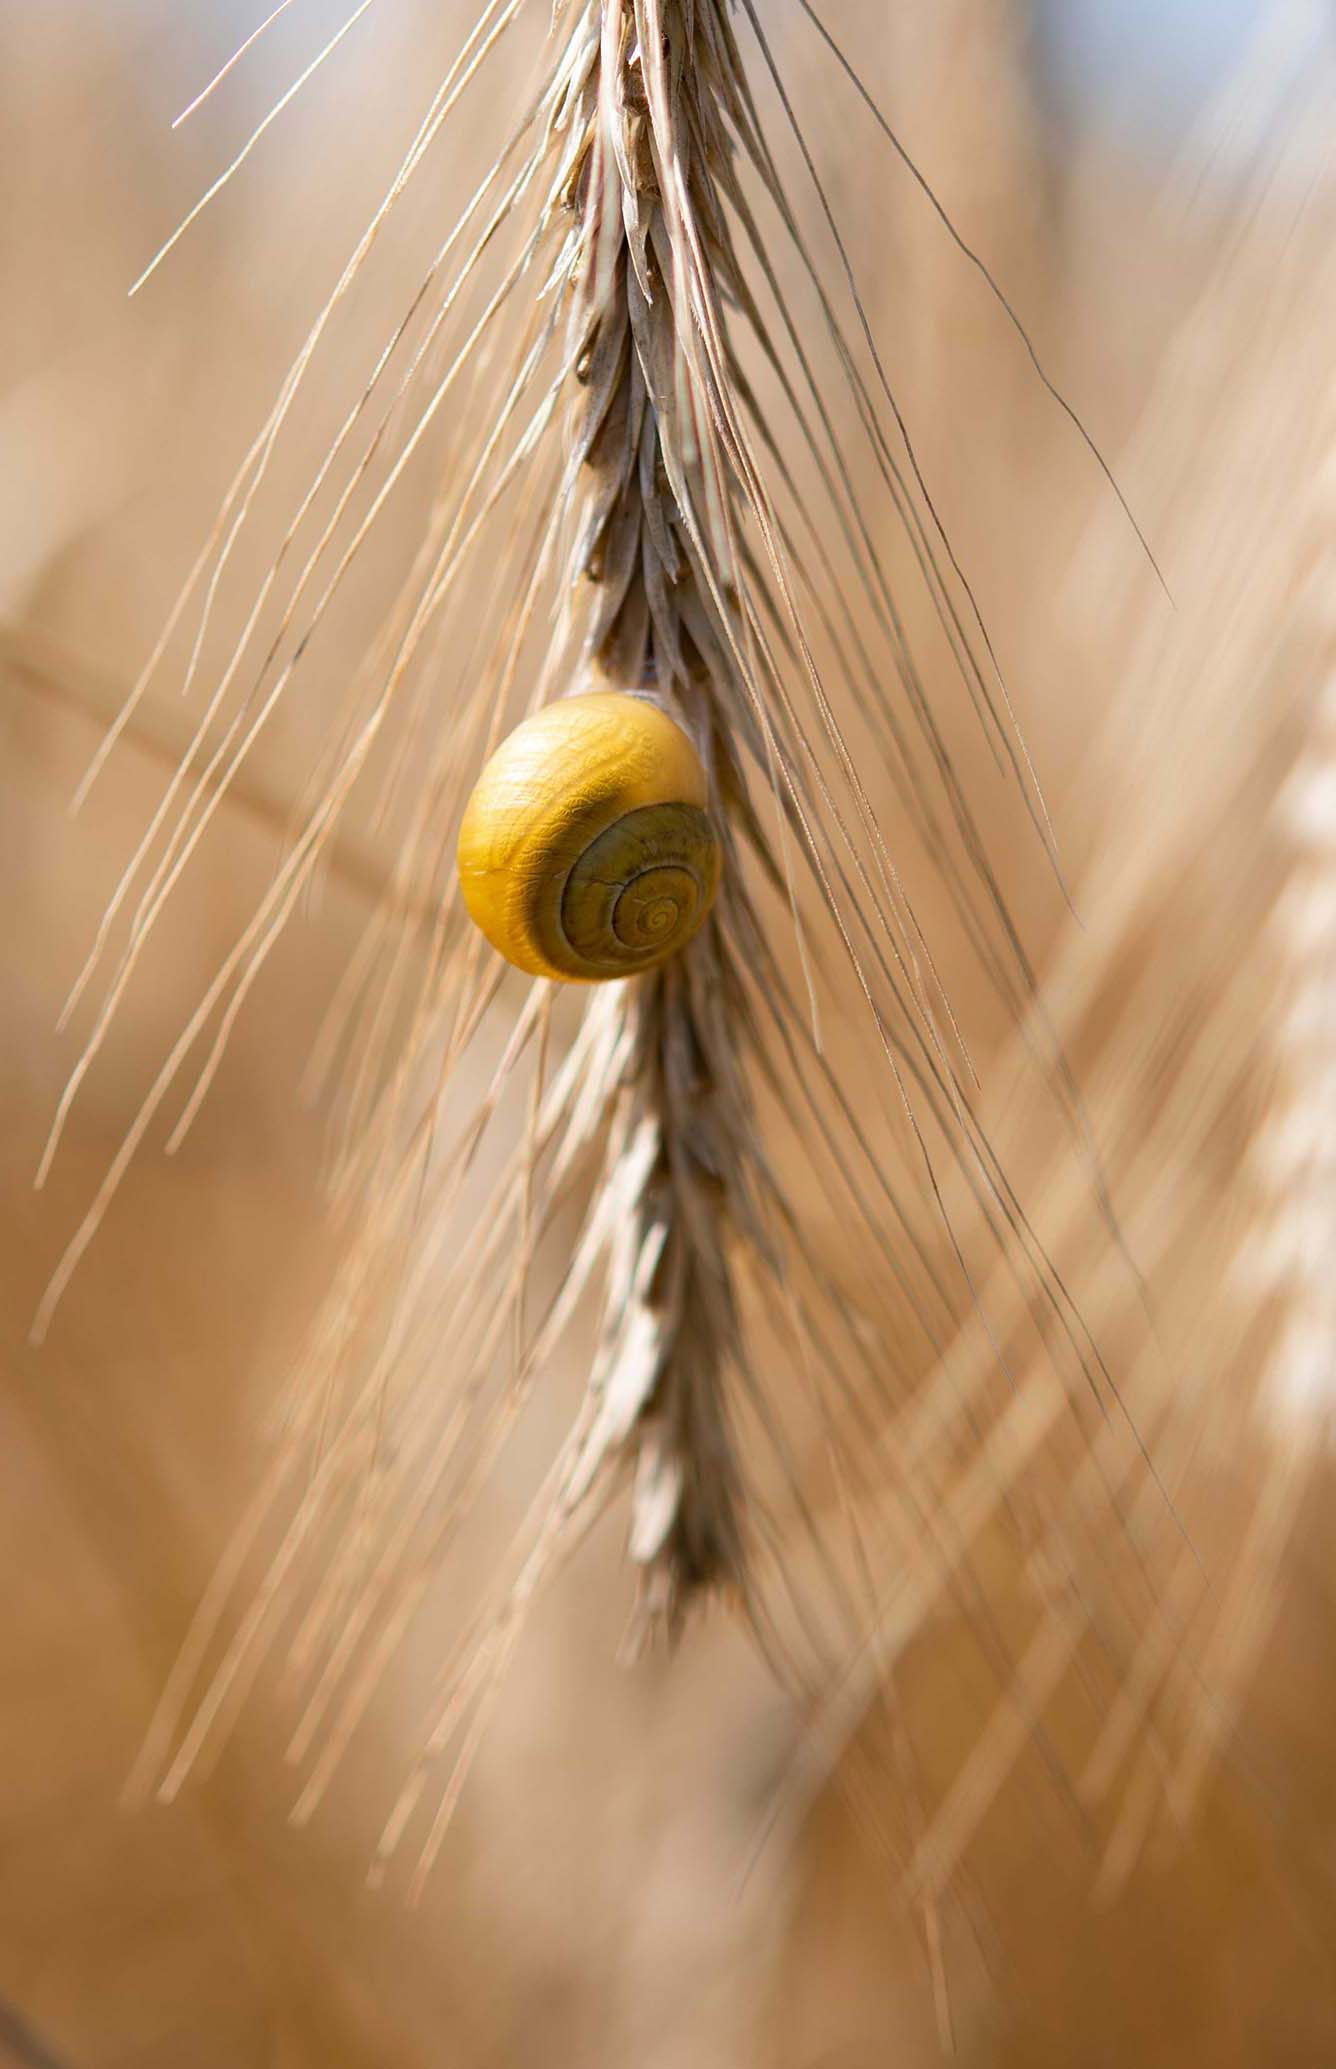 Eine Schnecke an einem Halm Getreide